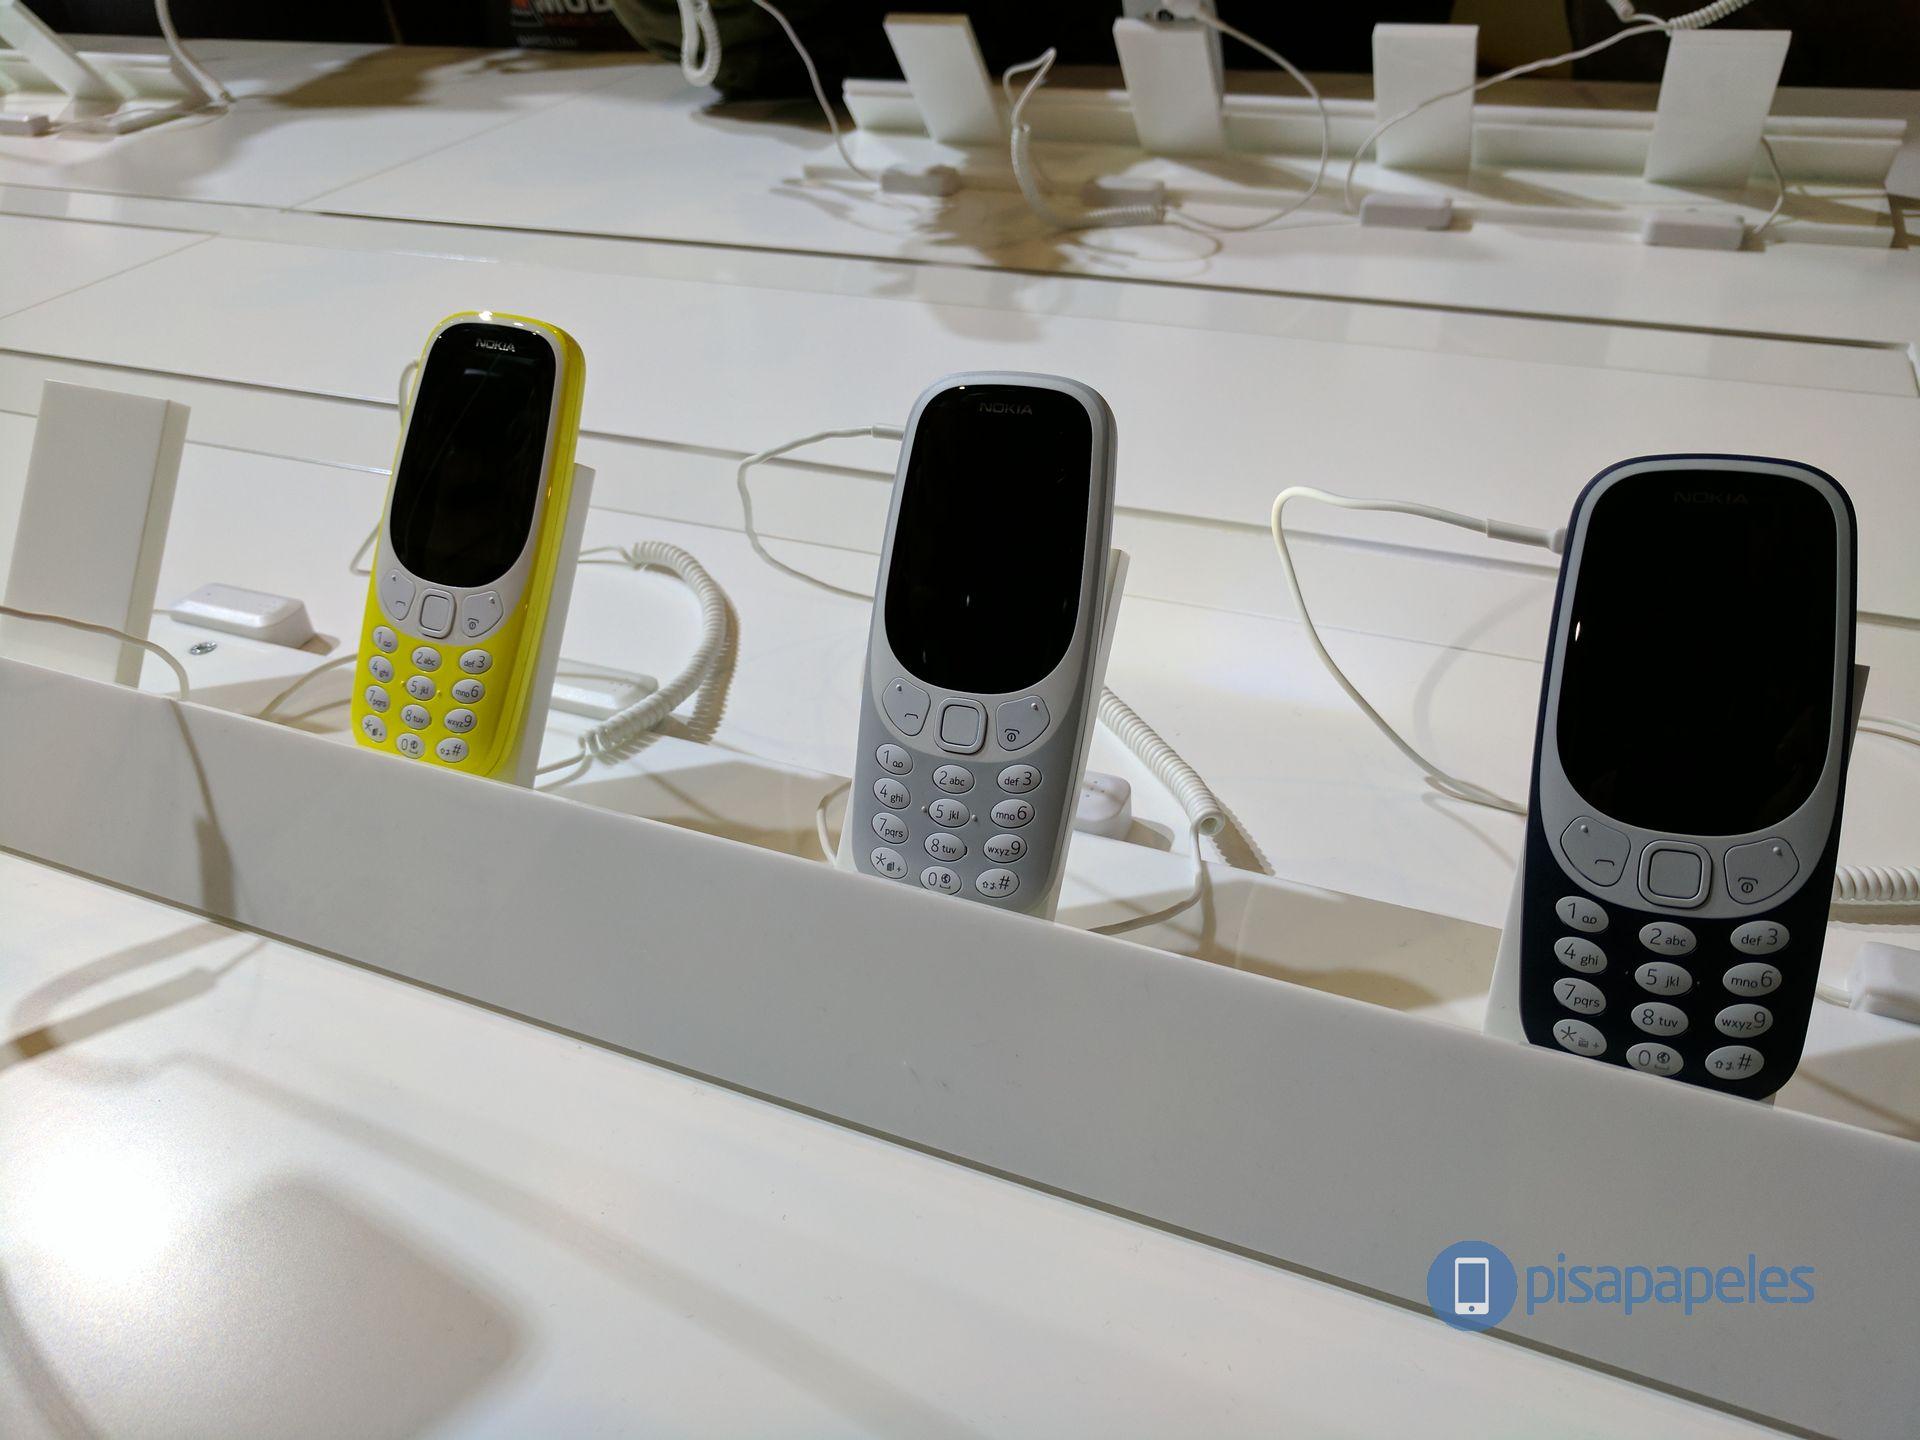 Primera impresión del Nokia 3310 # MWC17 1